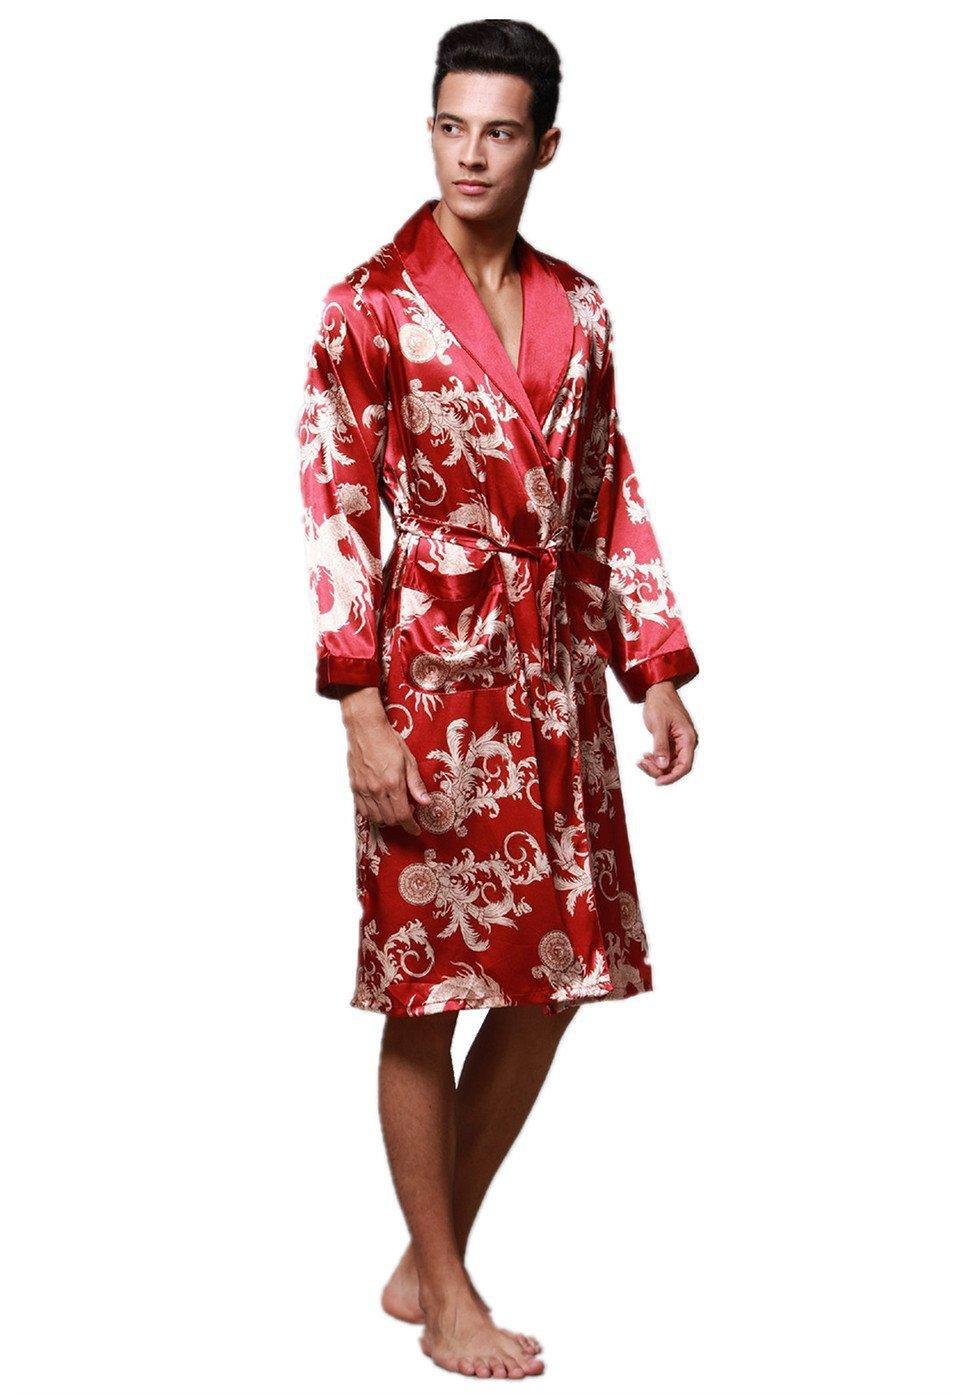 Albornoz Pijama Camisón Robe Bata Ropa de Dormir para Hombre Satín Satín Hombre , 002 , L 3e7ab1